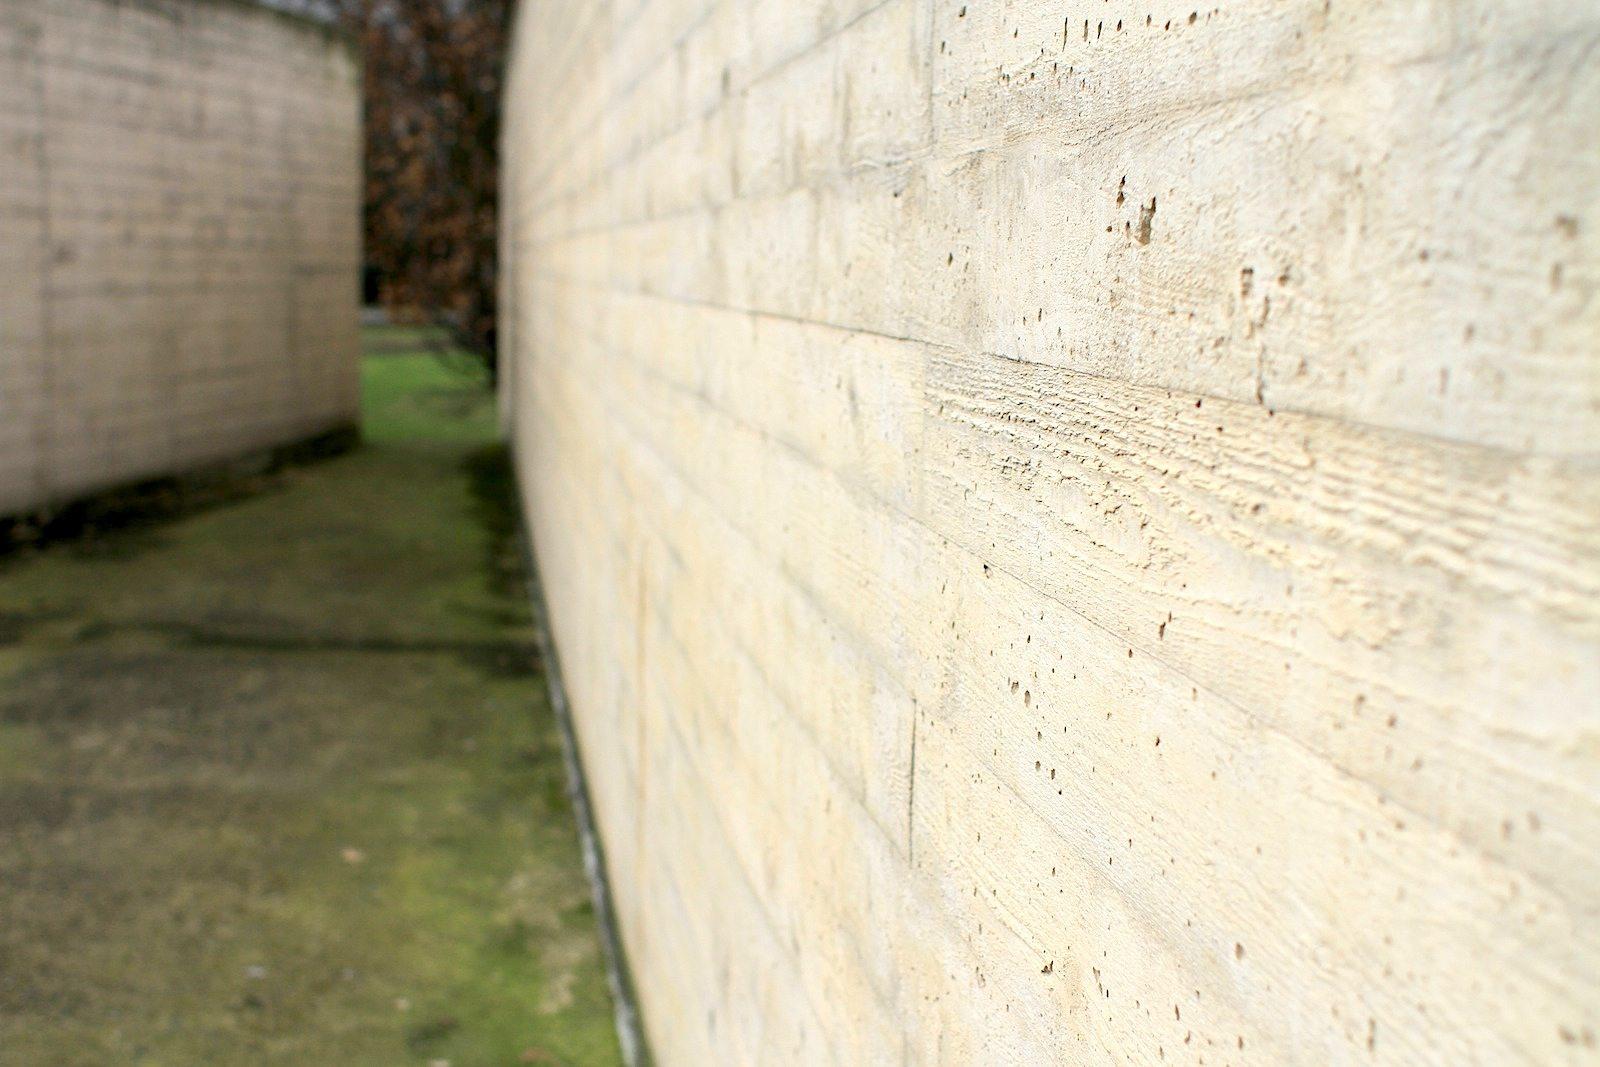 Verletzungen.  Die Oberfläche des Betons wurde nachträglich sandgestrahlt und damit explizit beschädigt. Dadurch wird klar, dass es ein Ort der Verletzungen und Verletzten geht.